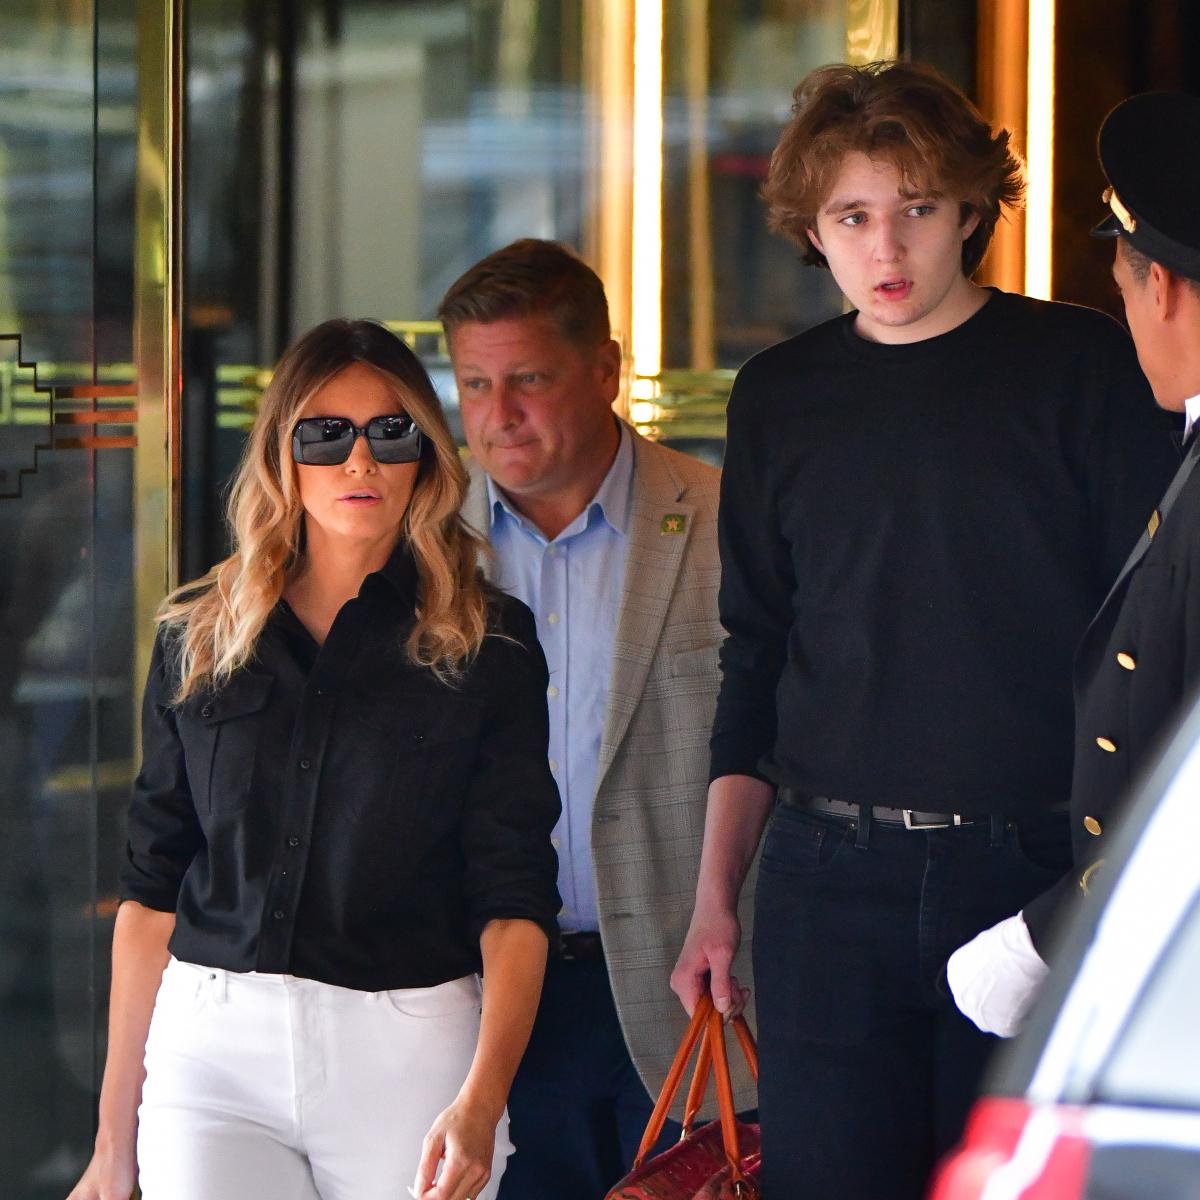 超セレブ校に入学したトランプ前米大統領の息子、母とのツーショットが「ますます大人になった!」と話題沸騰